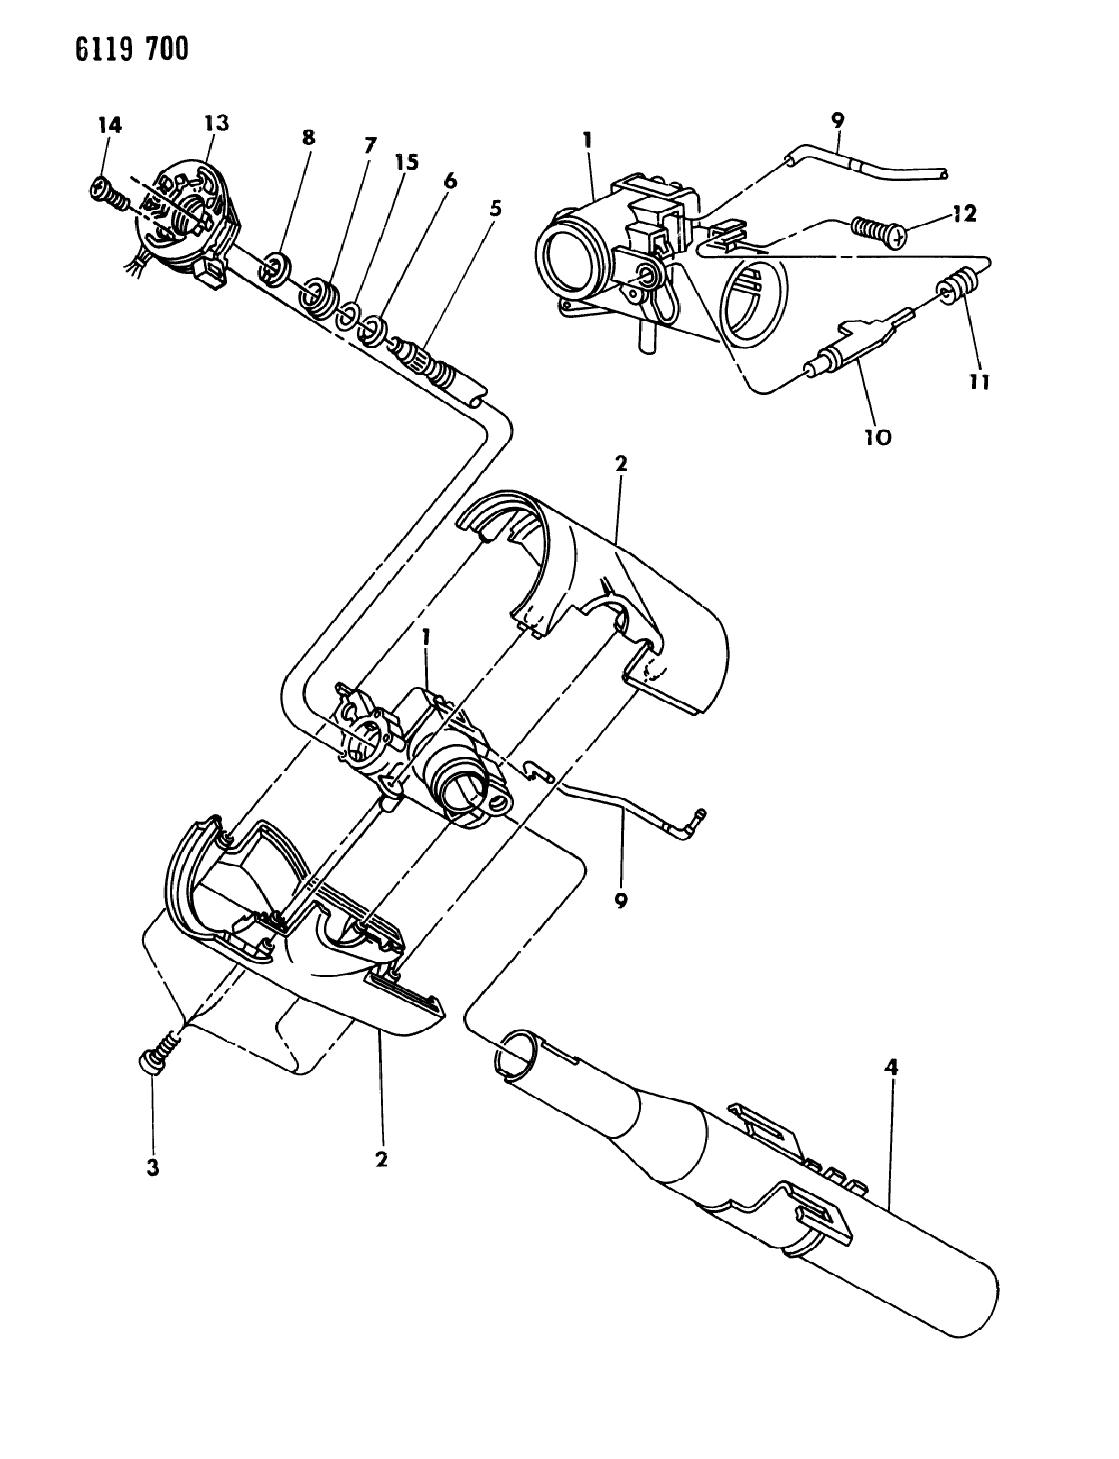 1986 Chrysler LeBaron Base Column, Steering Upper Floor